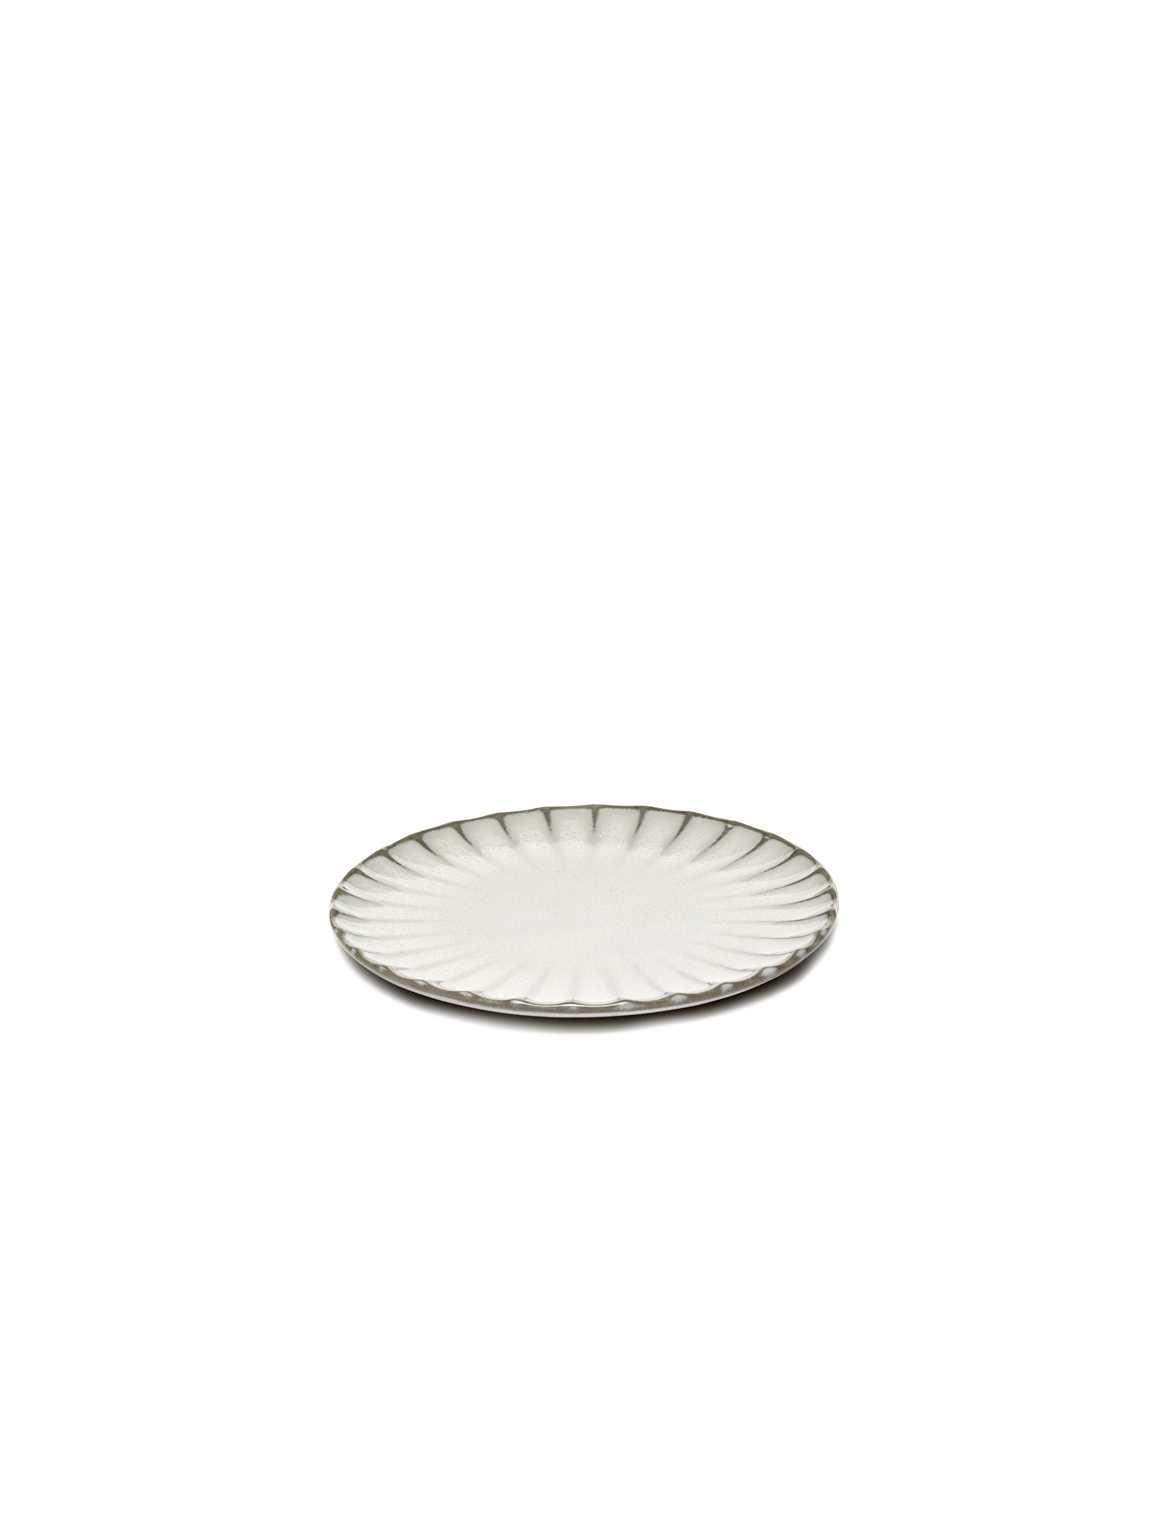 Тарелка XS белая Inku 150 мм